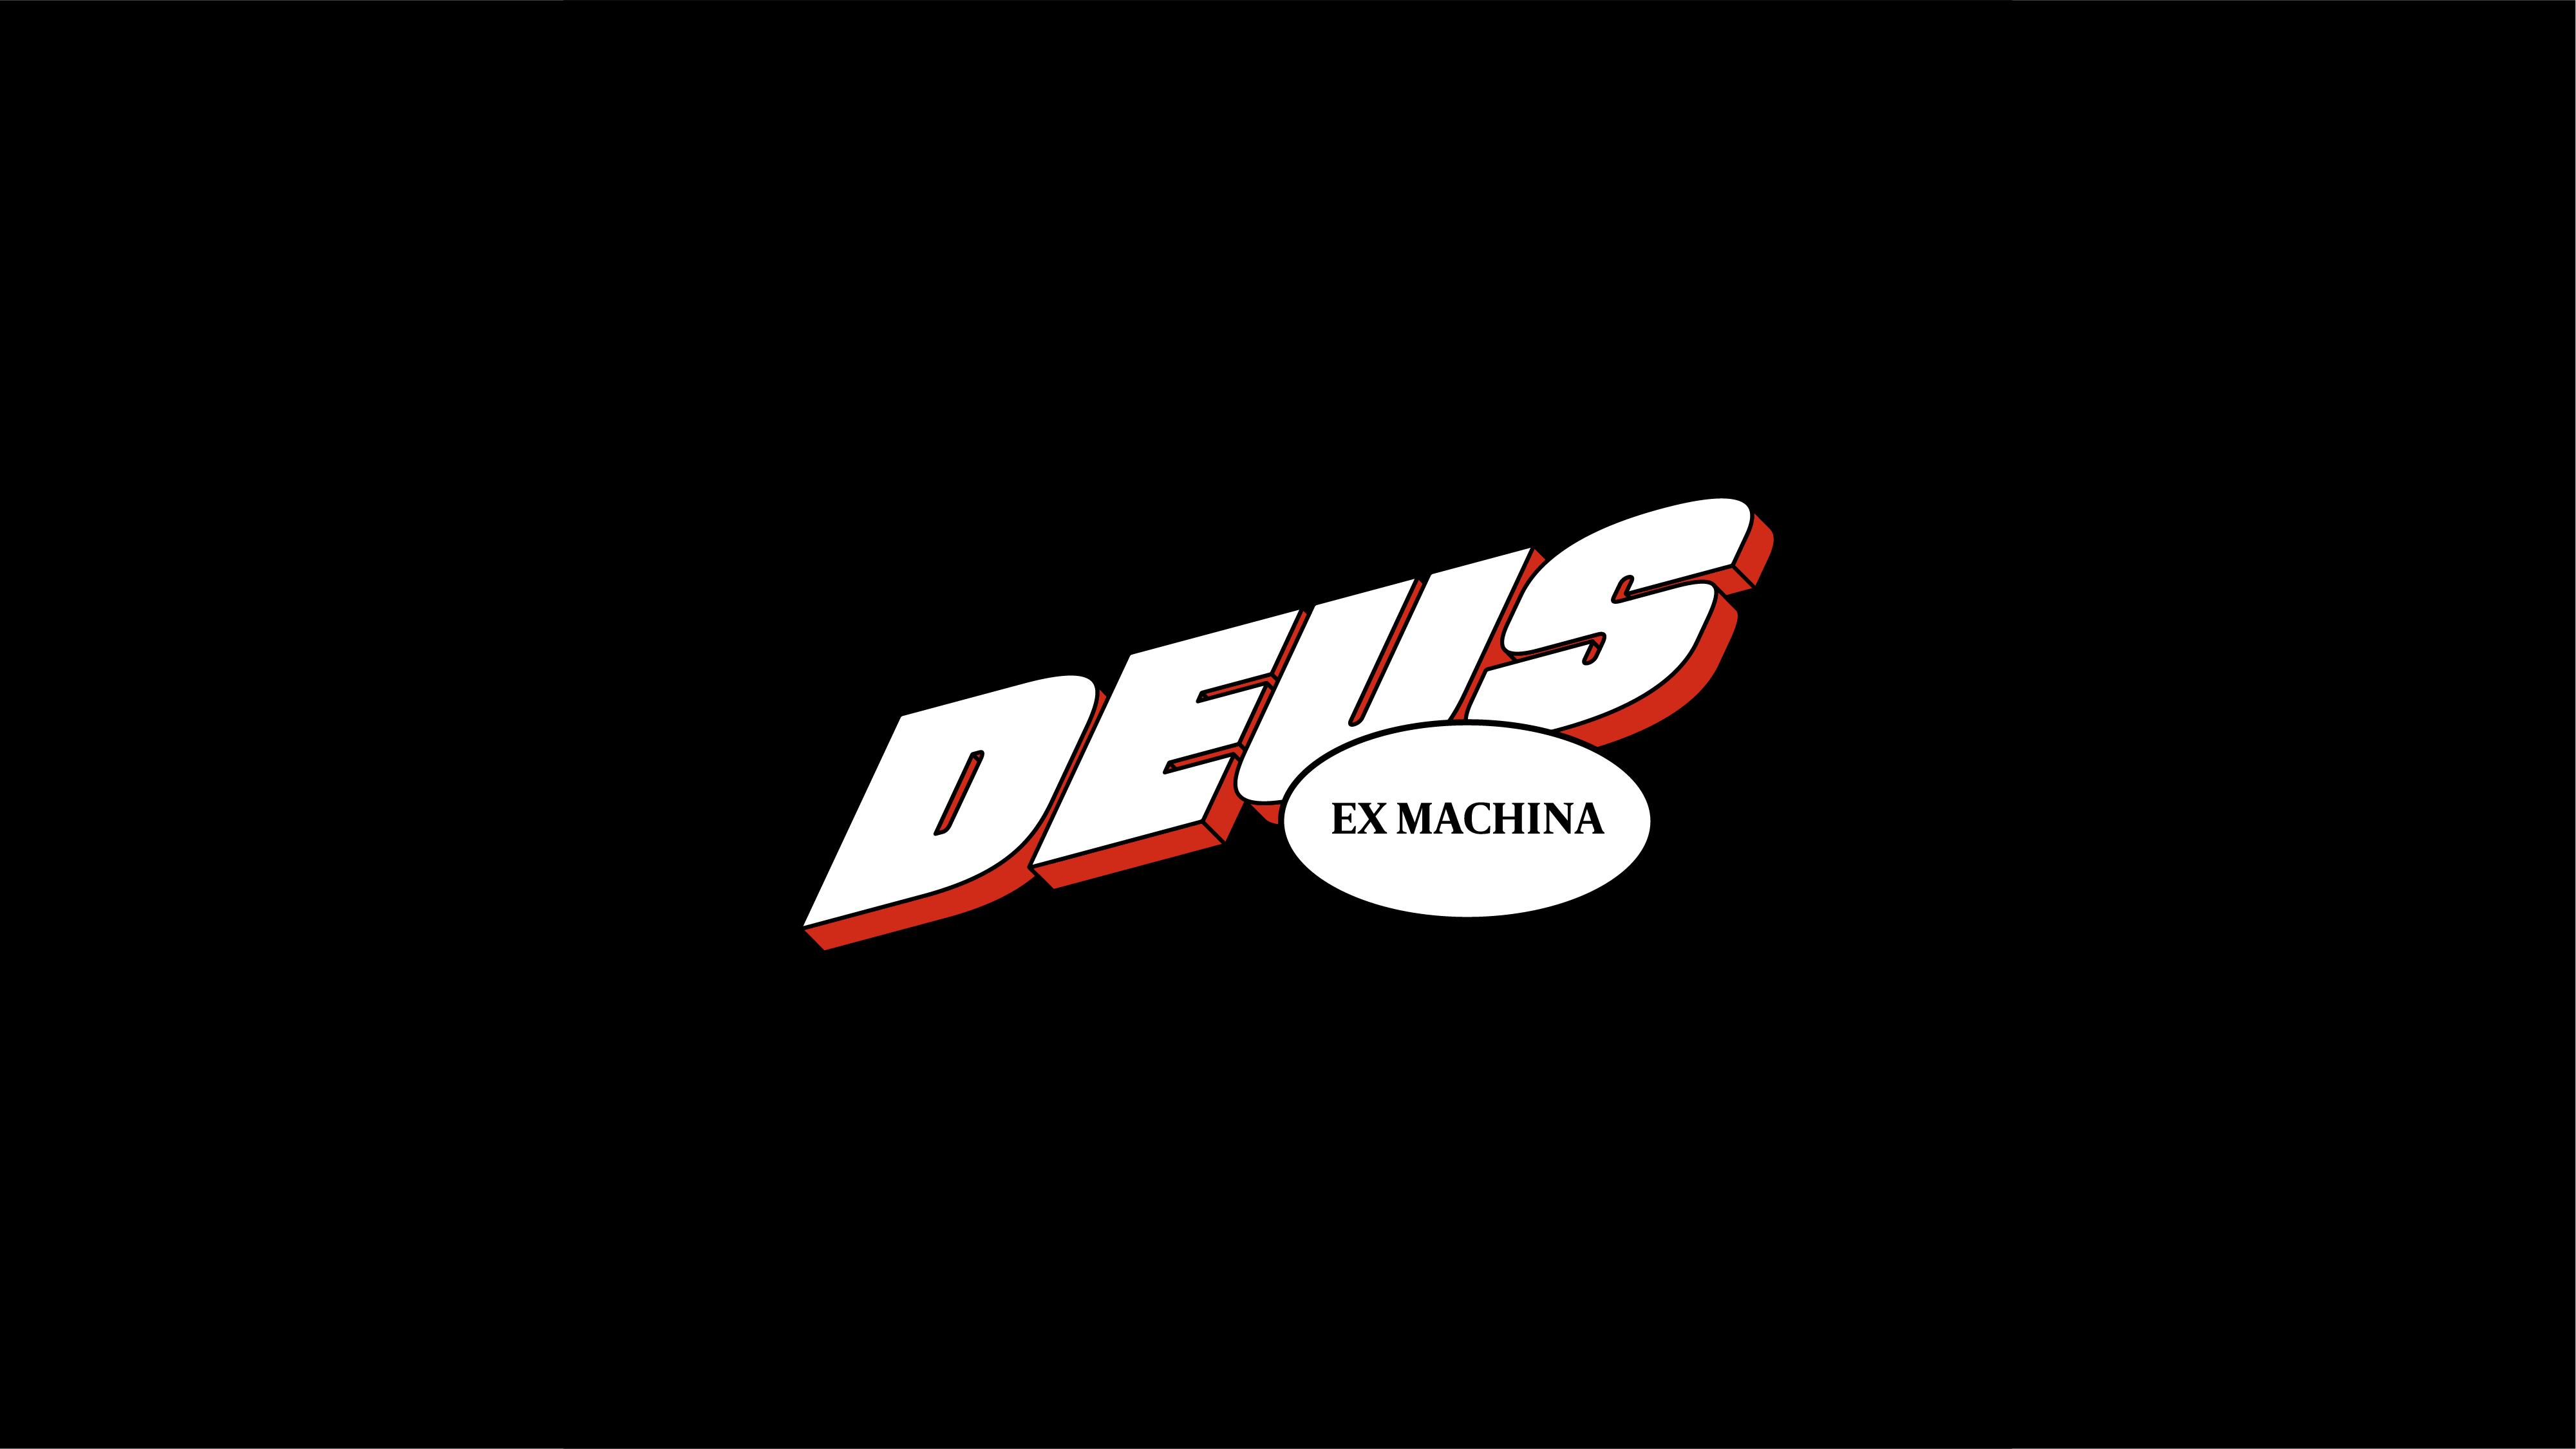 Deus_Quarentee-07